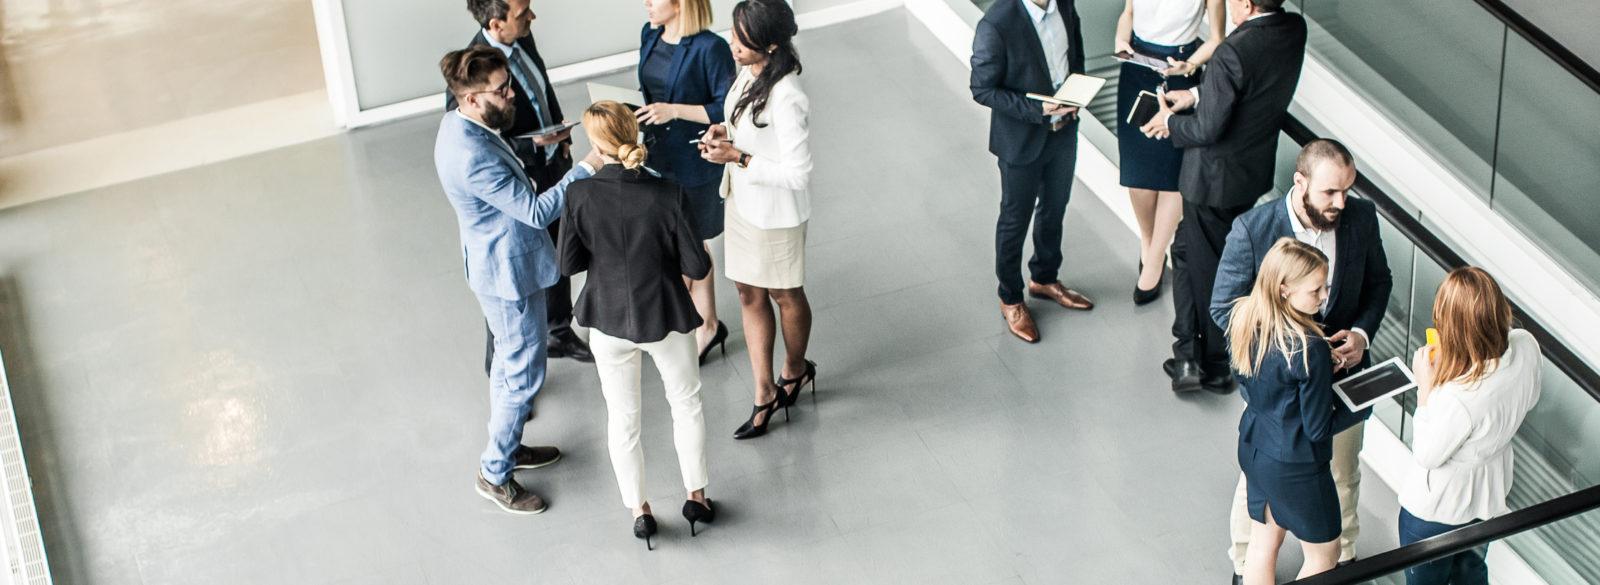 Vue en plongée sur un hall bondé de groupes d'hommes et de femmes d'affaires en discussions.